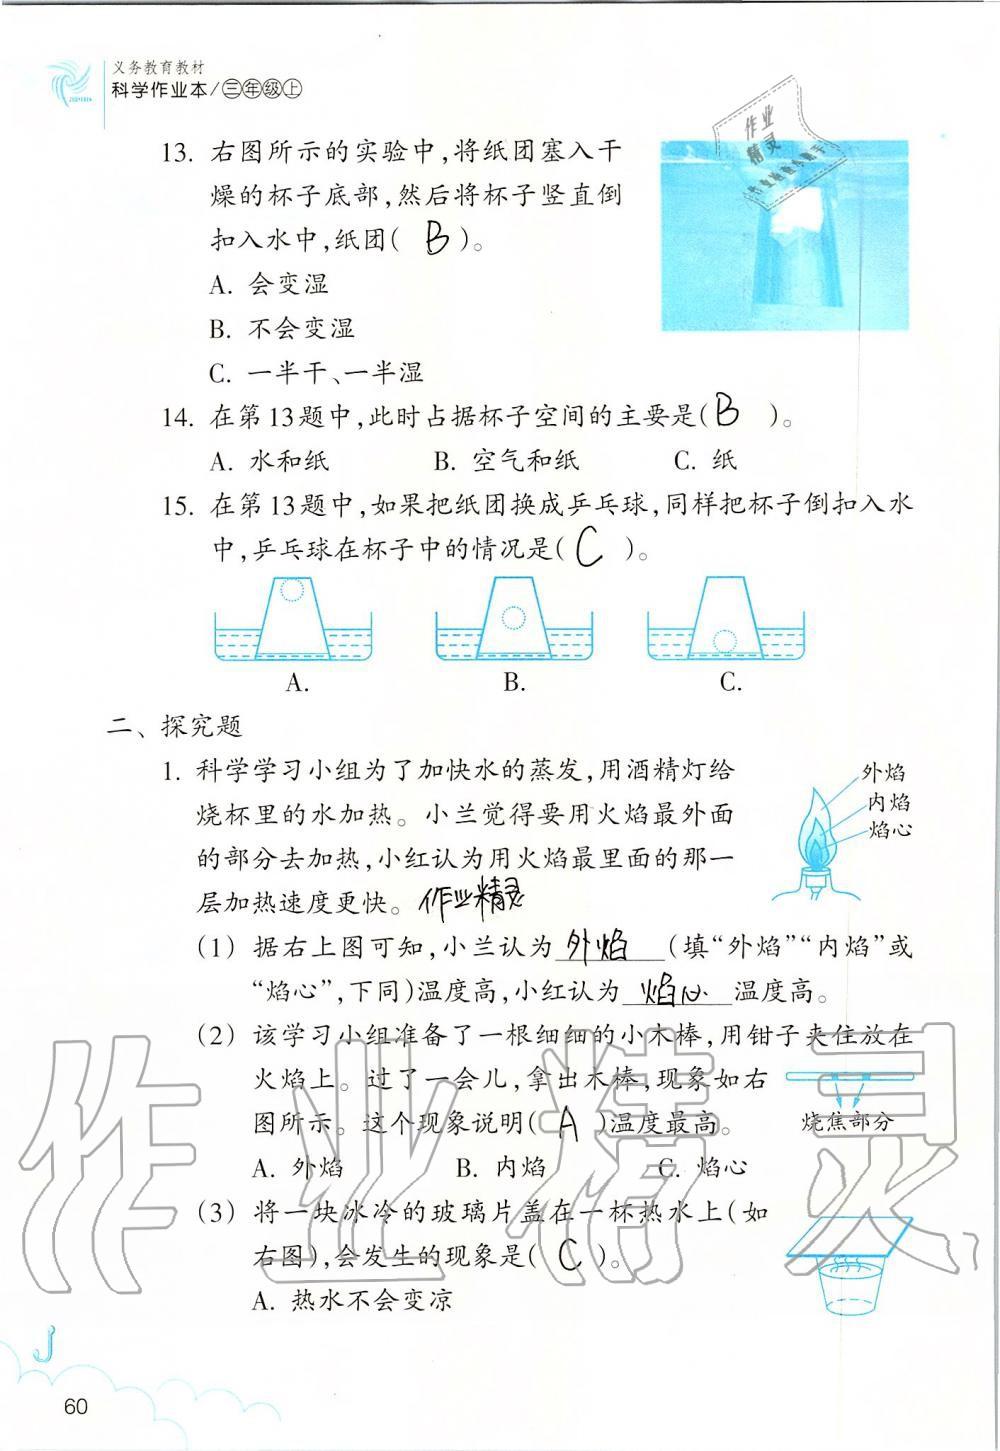 2019年科学作业本三年级上册教科版浙江教育出版社第60页